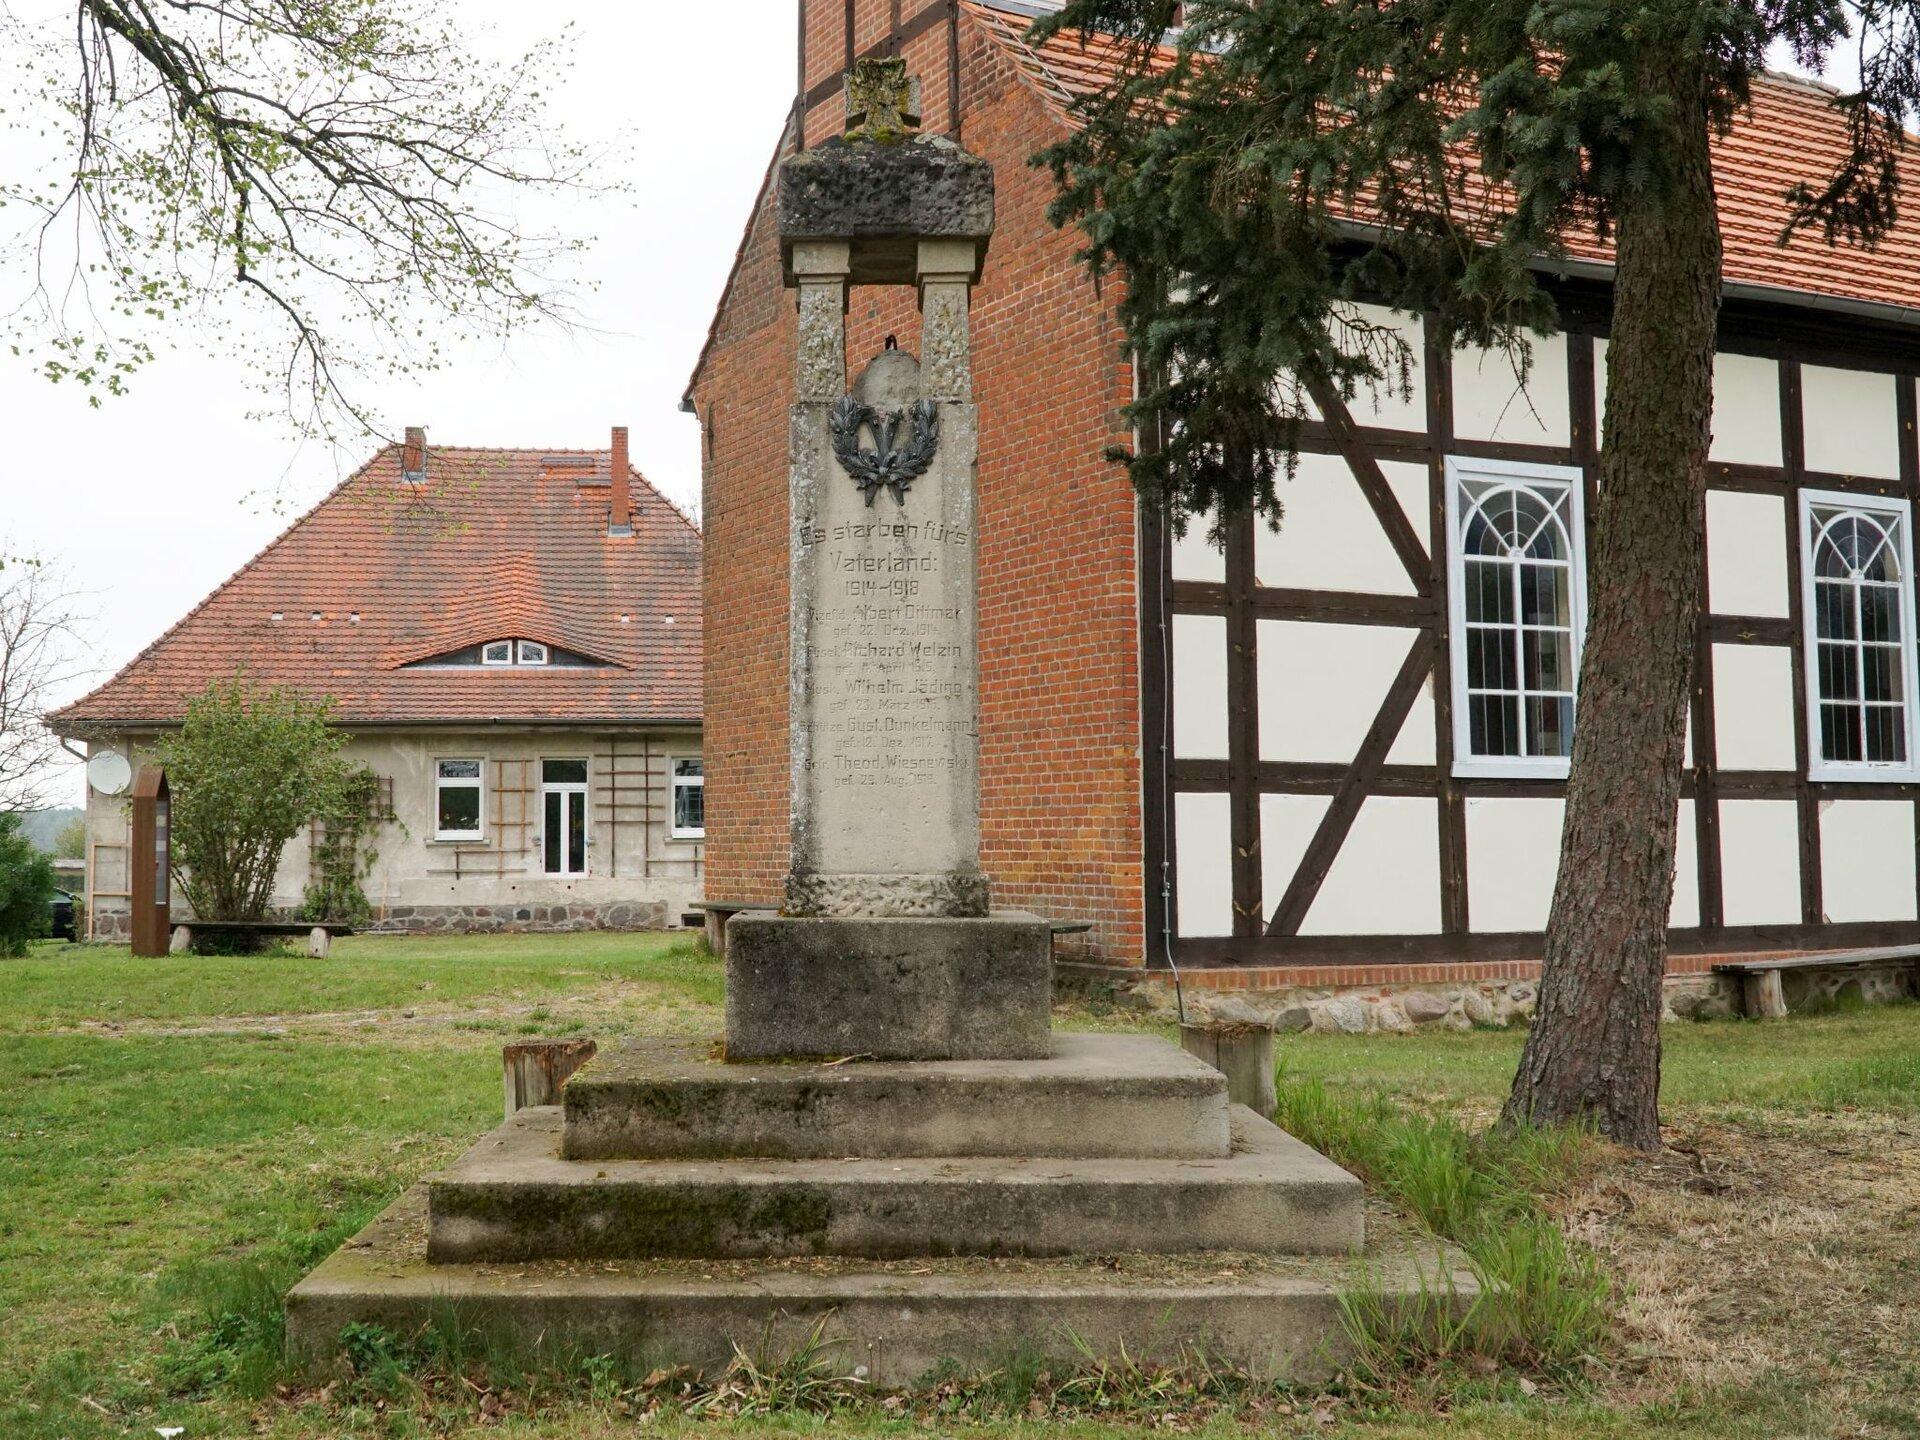 Bölzke, Kriegerdenkmal 1. Weltkrieg